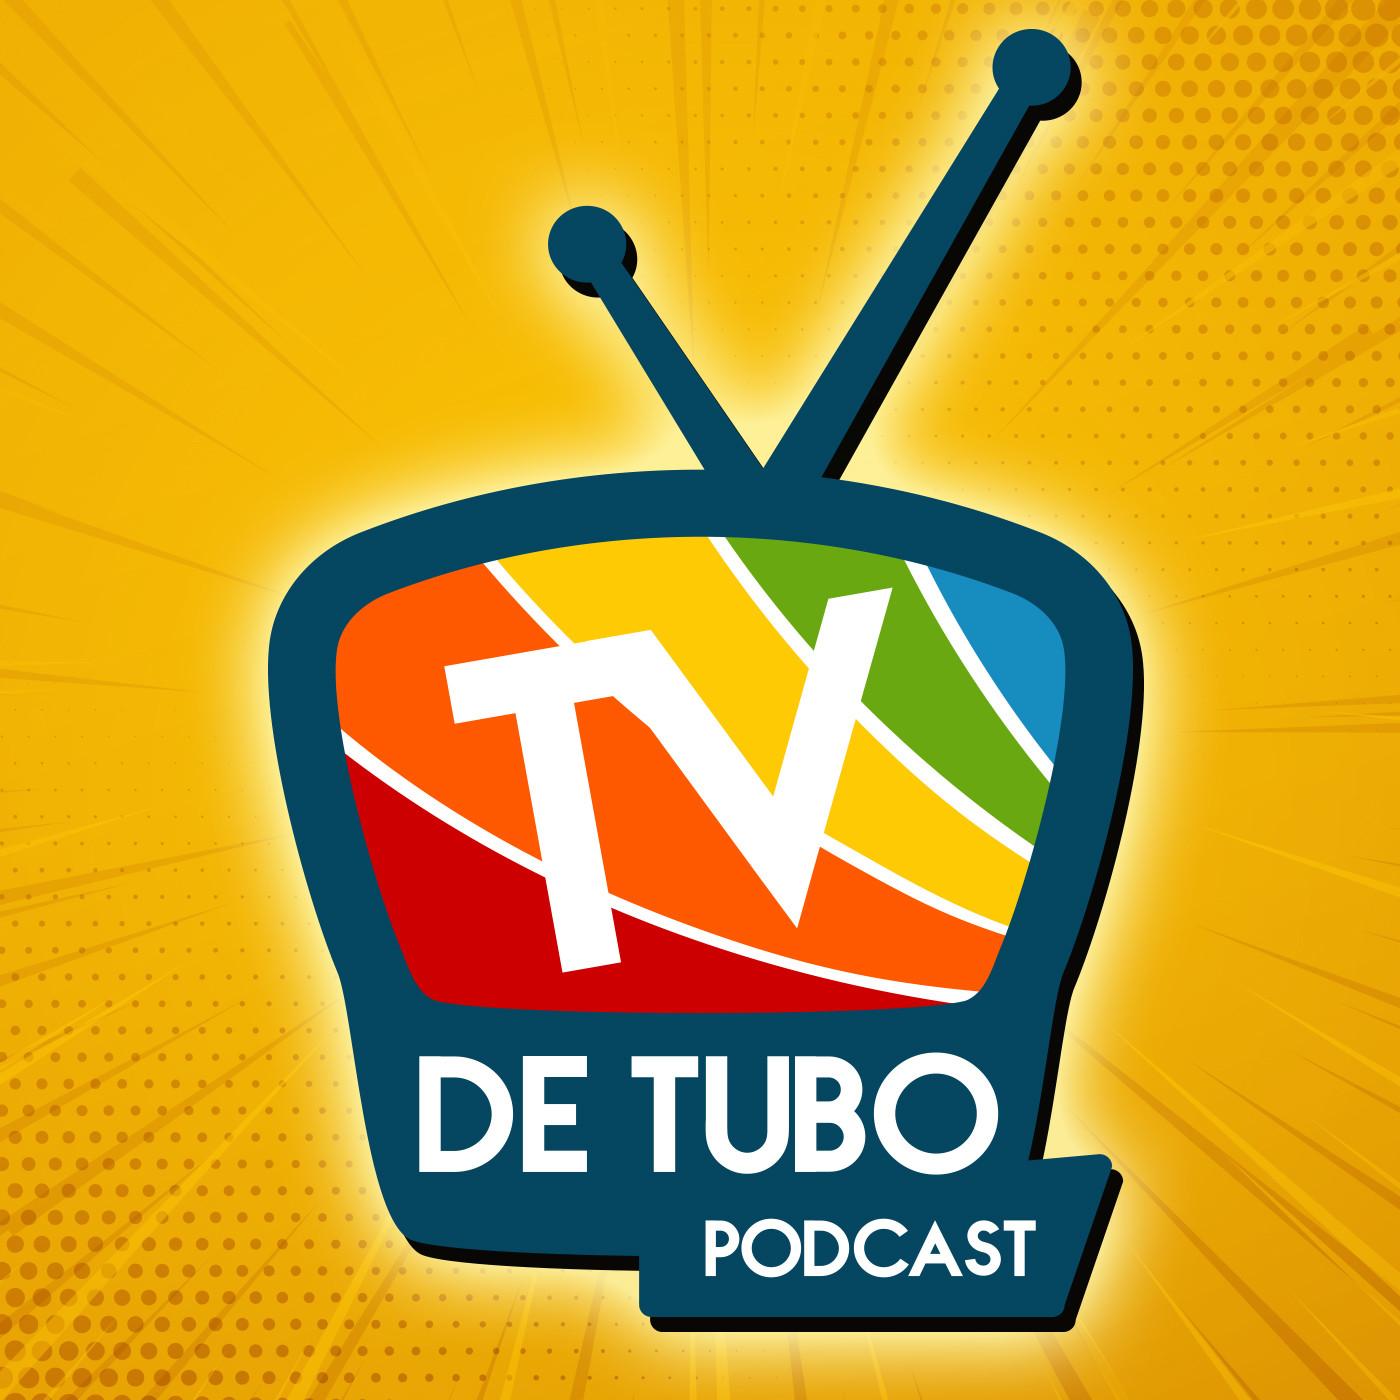 TV de Tubo #16 - Mega man (animação dos anos 90)